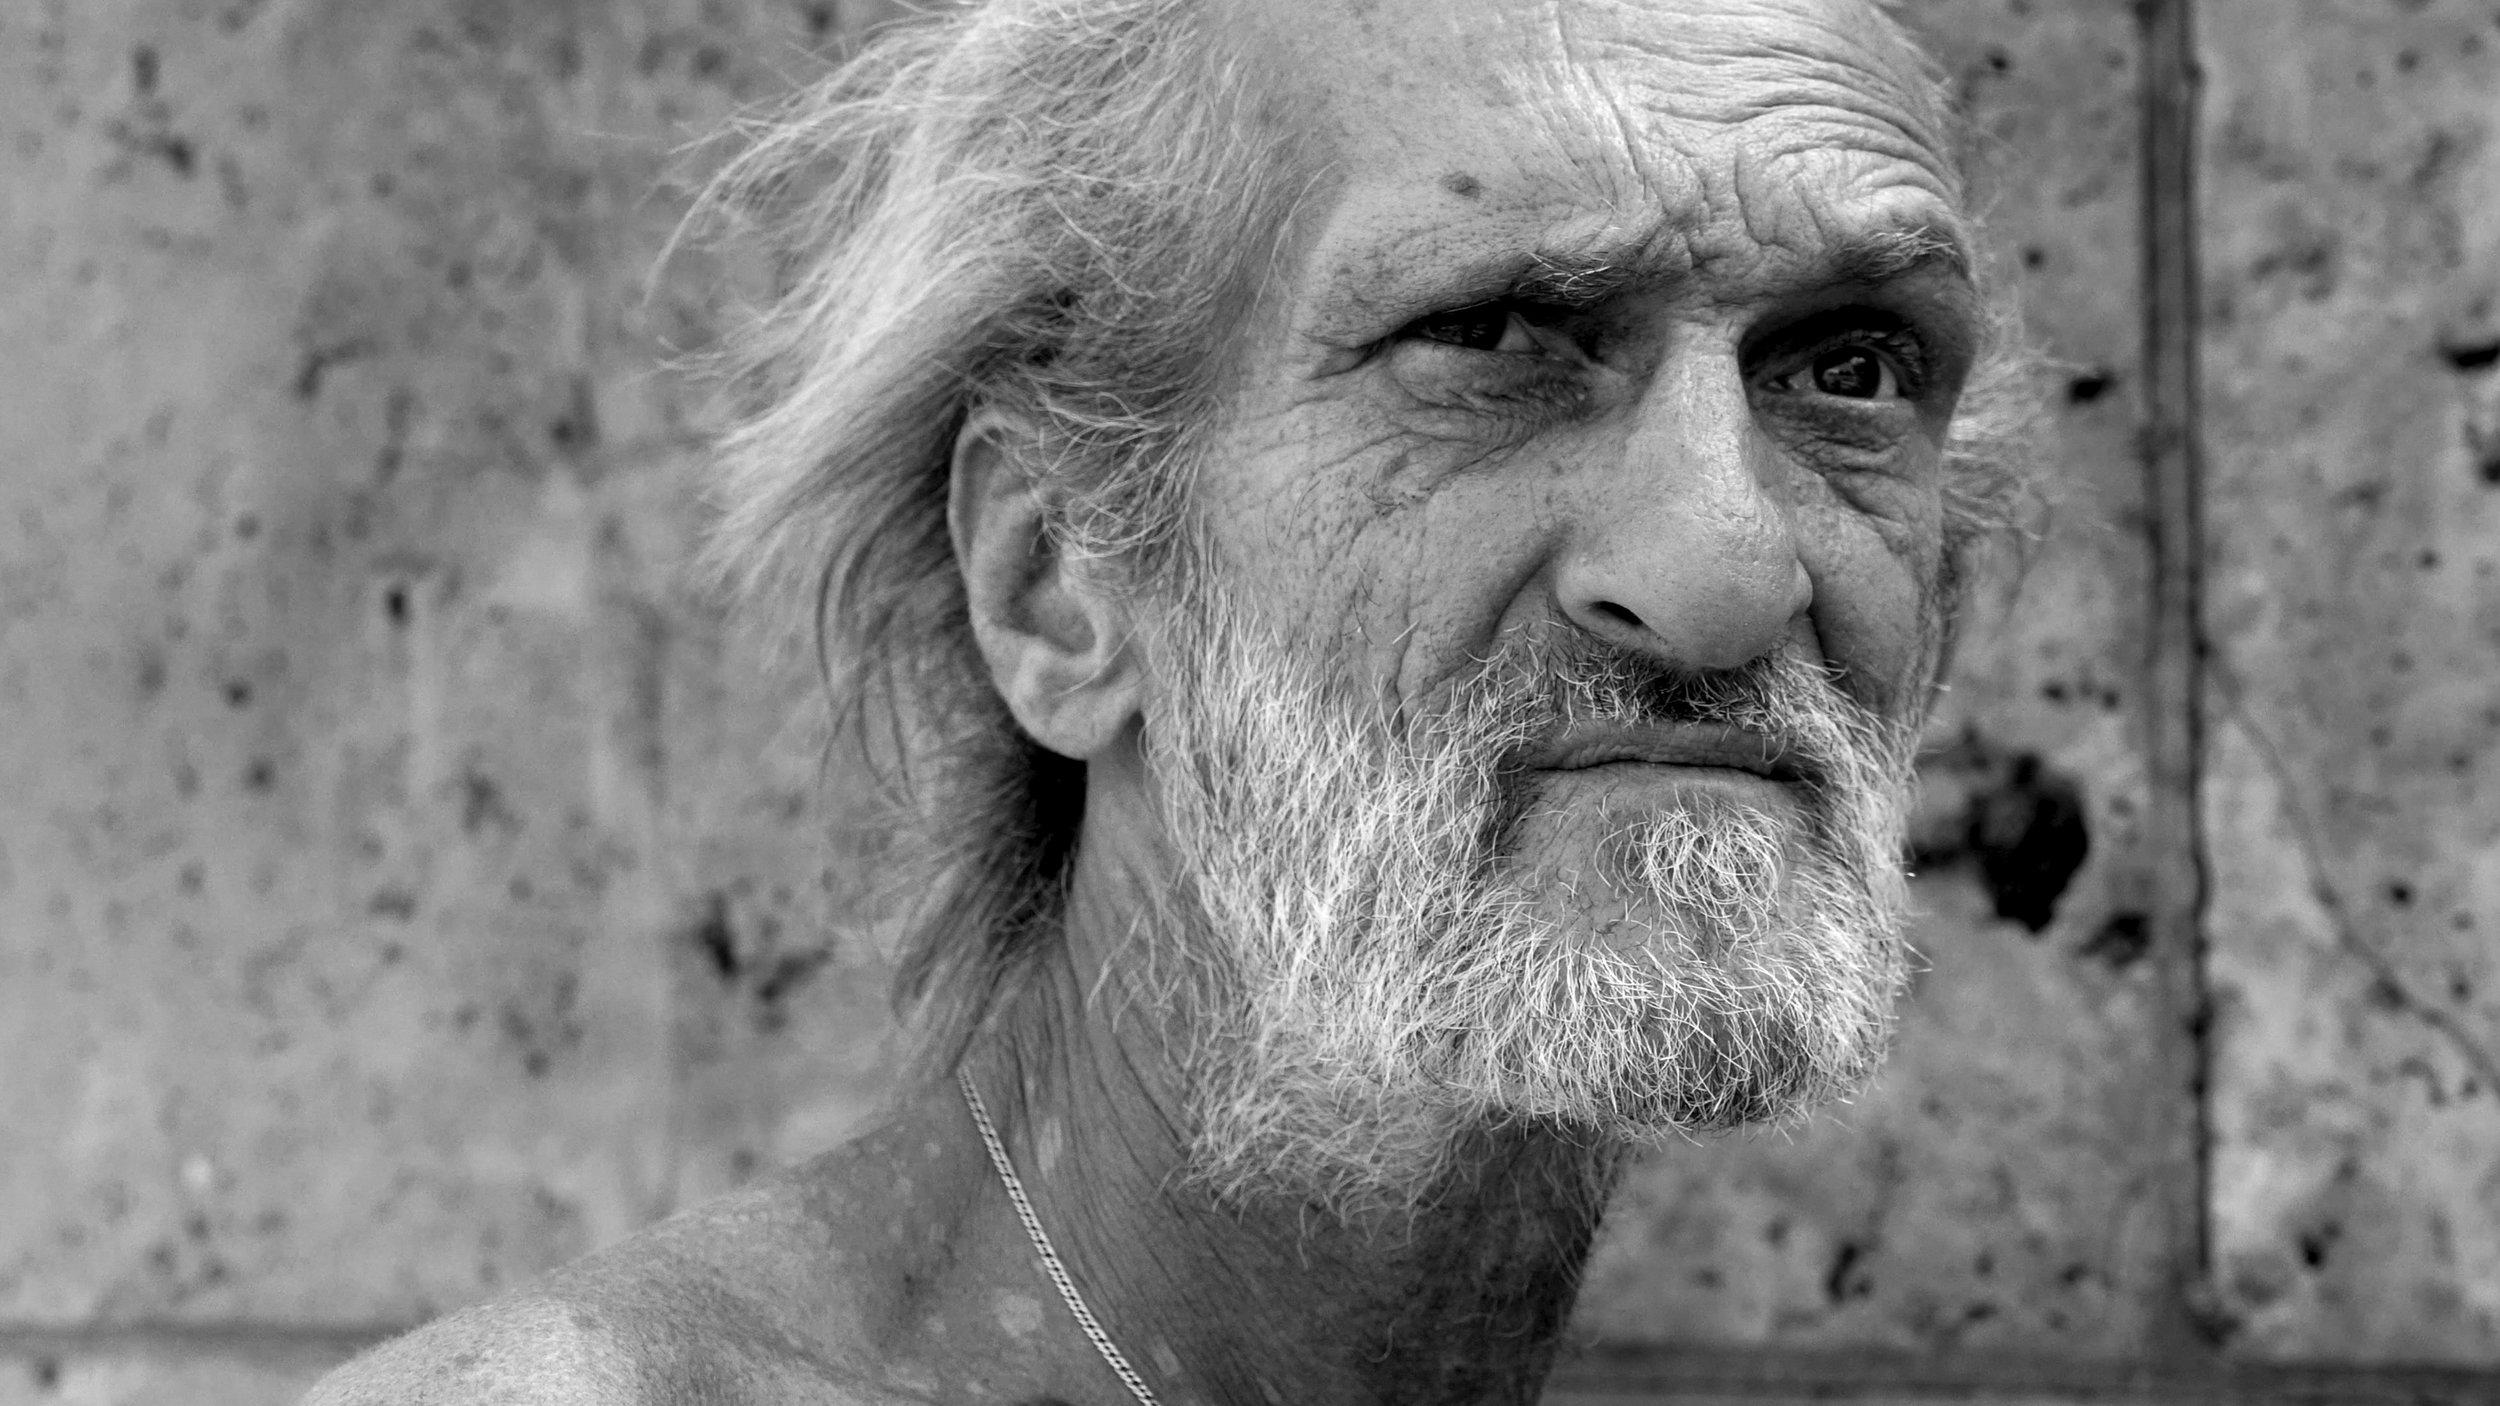 پیر شدن و بالا رفتن سن باعث میشه بیشتر به تجربیاتمون تکیه کنیم، تجربیاتی که ممکنه غلط باشن